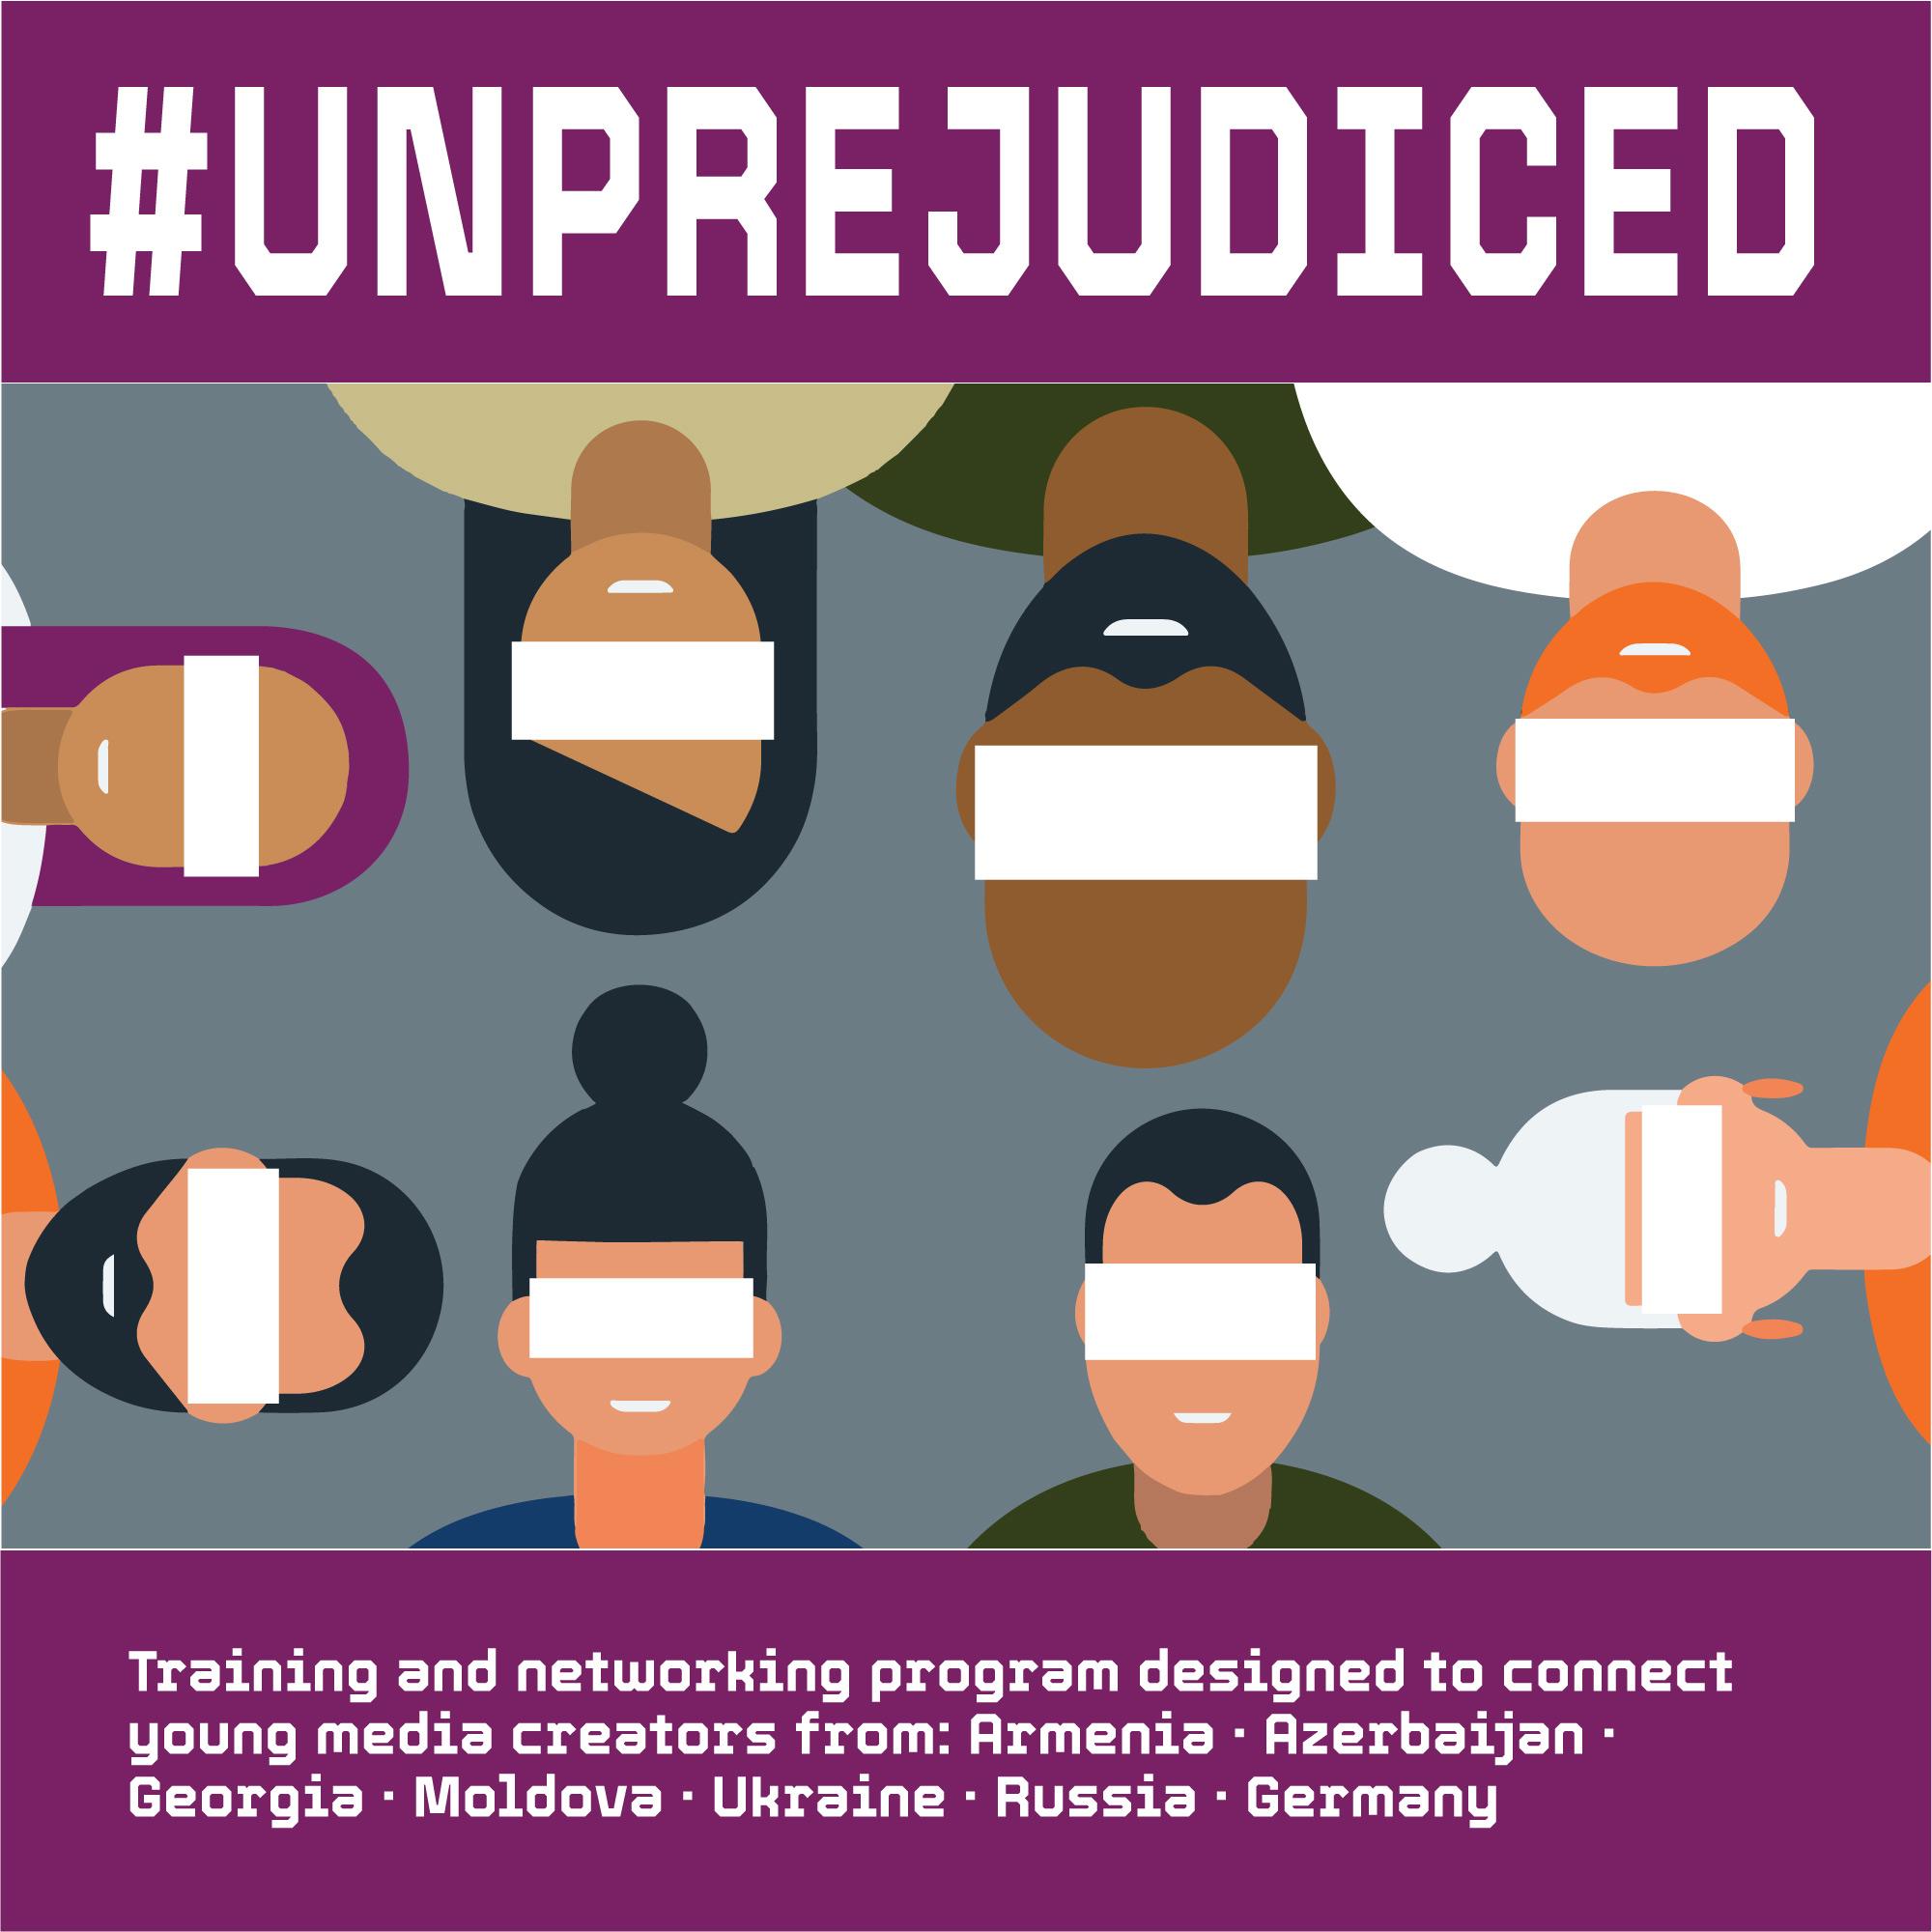 Open Call #UNPREJUDICED